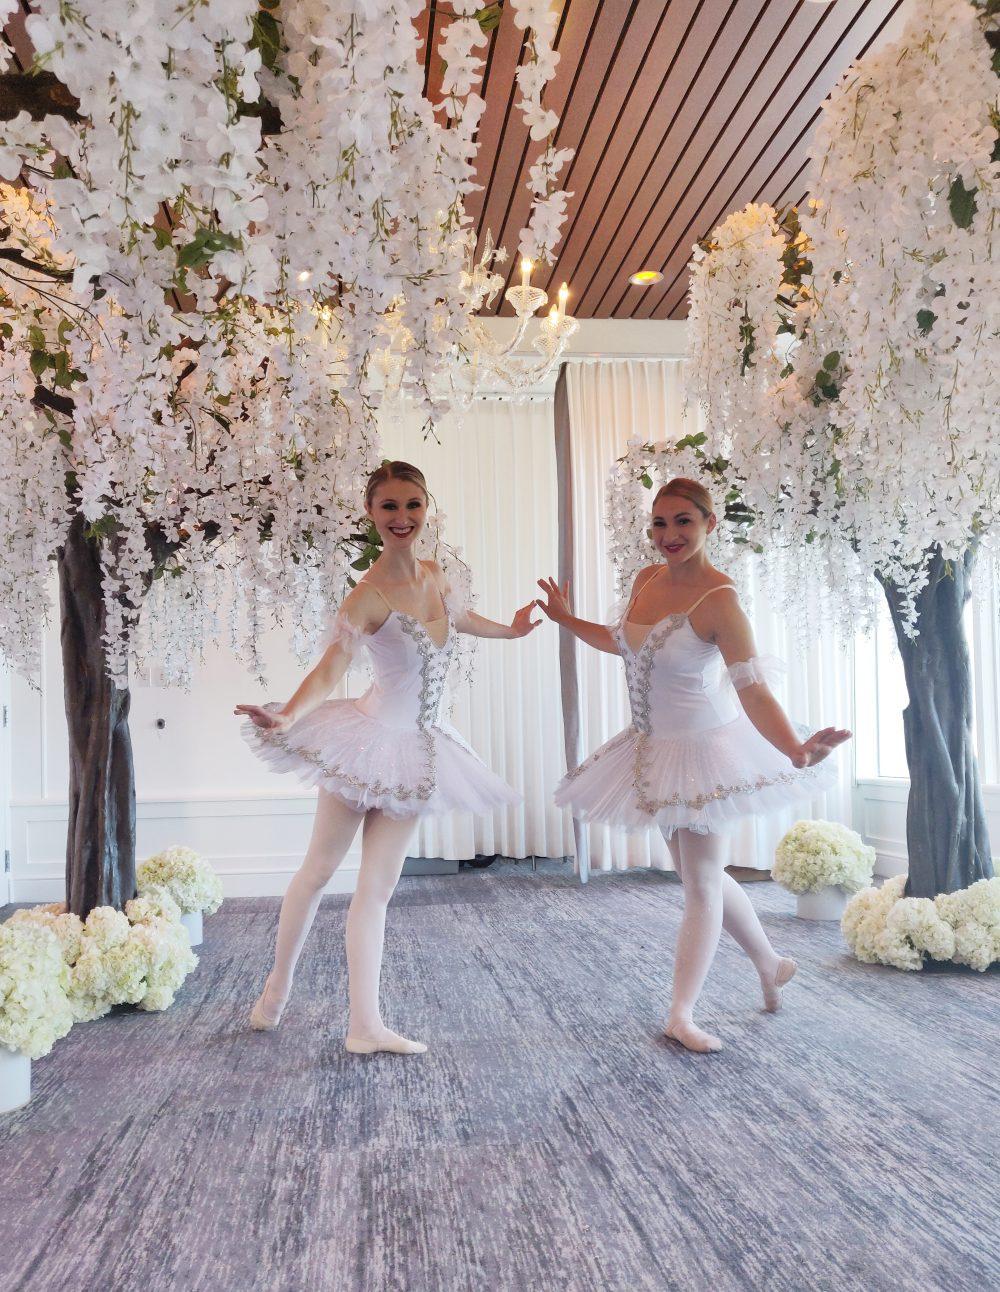 Ballet dancers in s winter wonderland